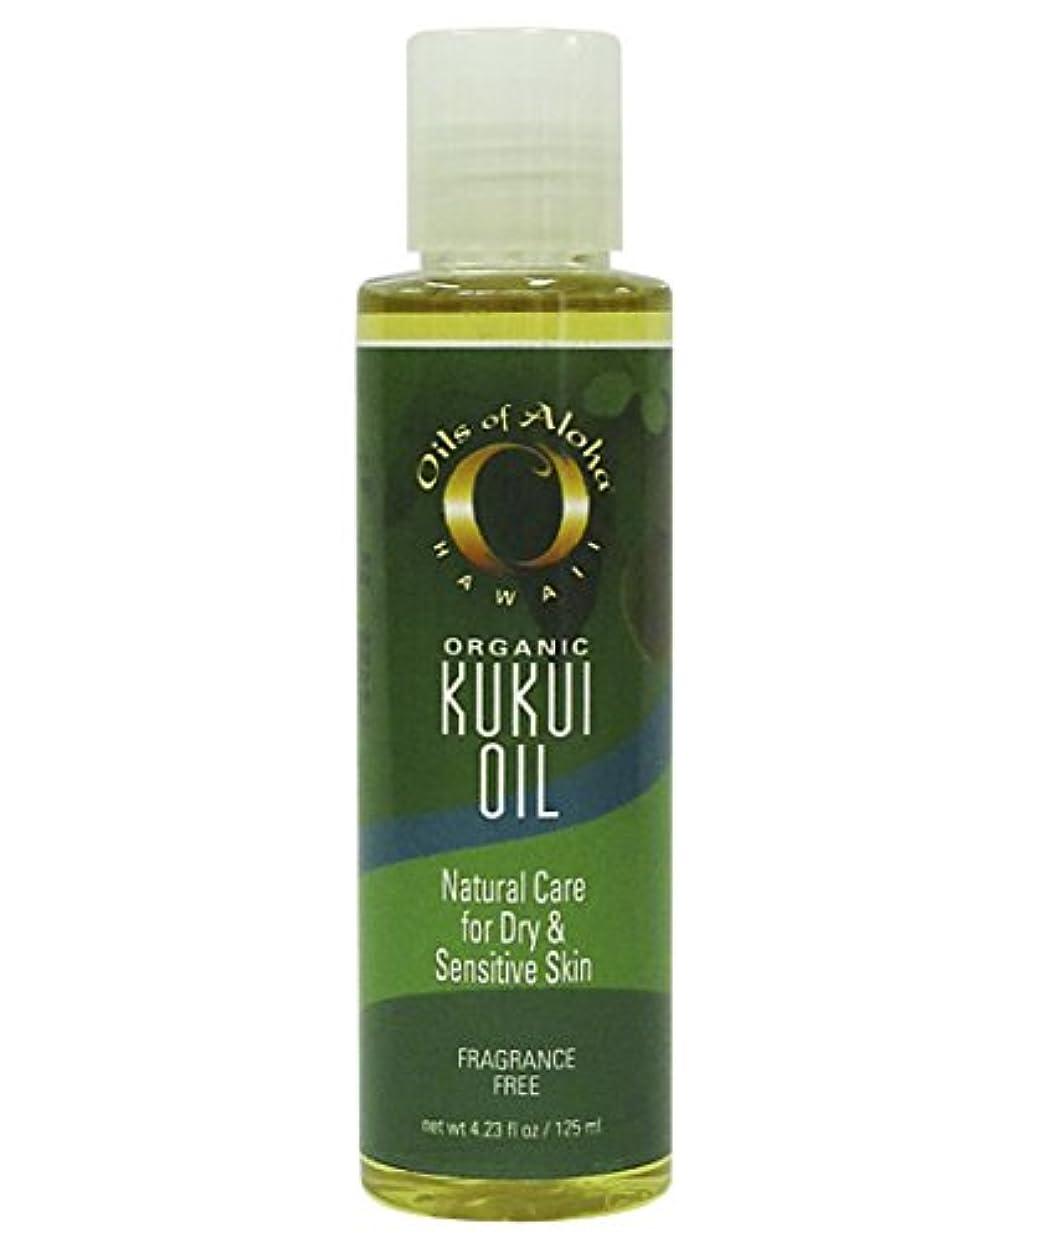 オピエートパウダー硫黄Organic Kukui Skin Oil